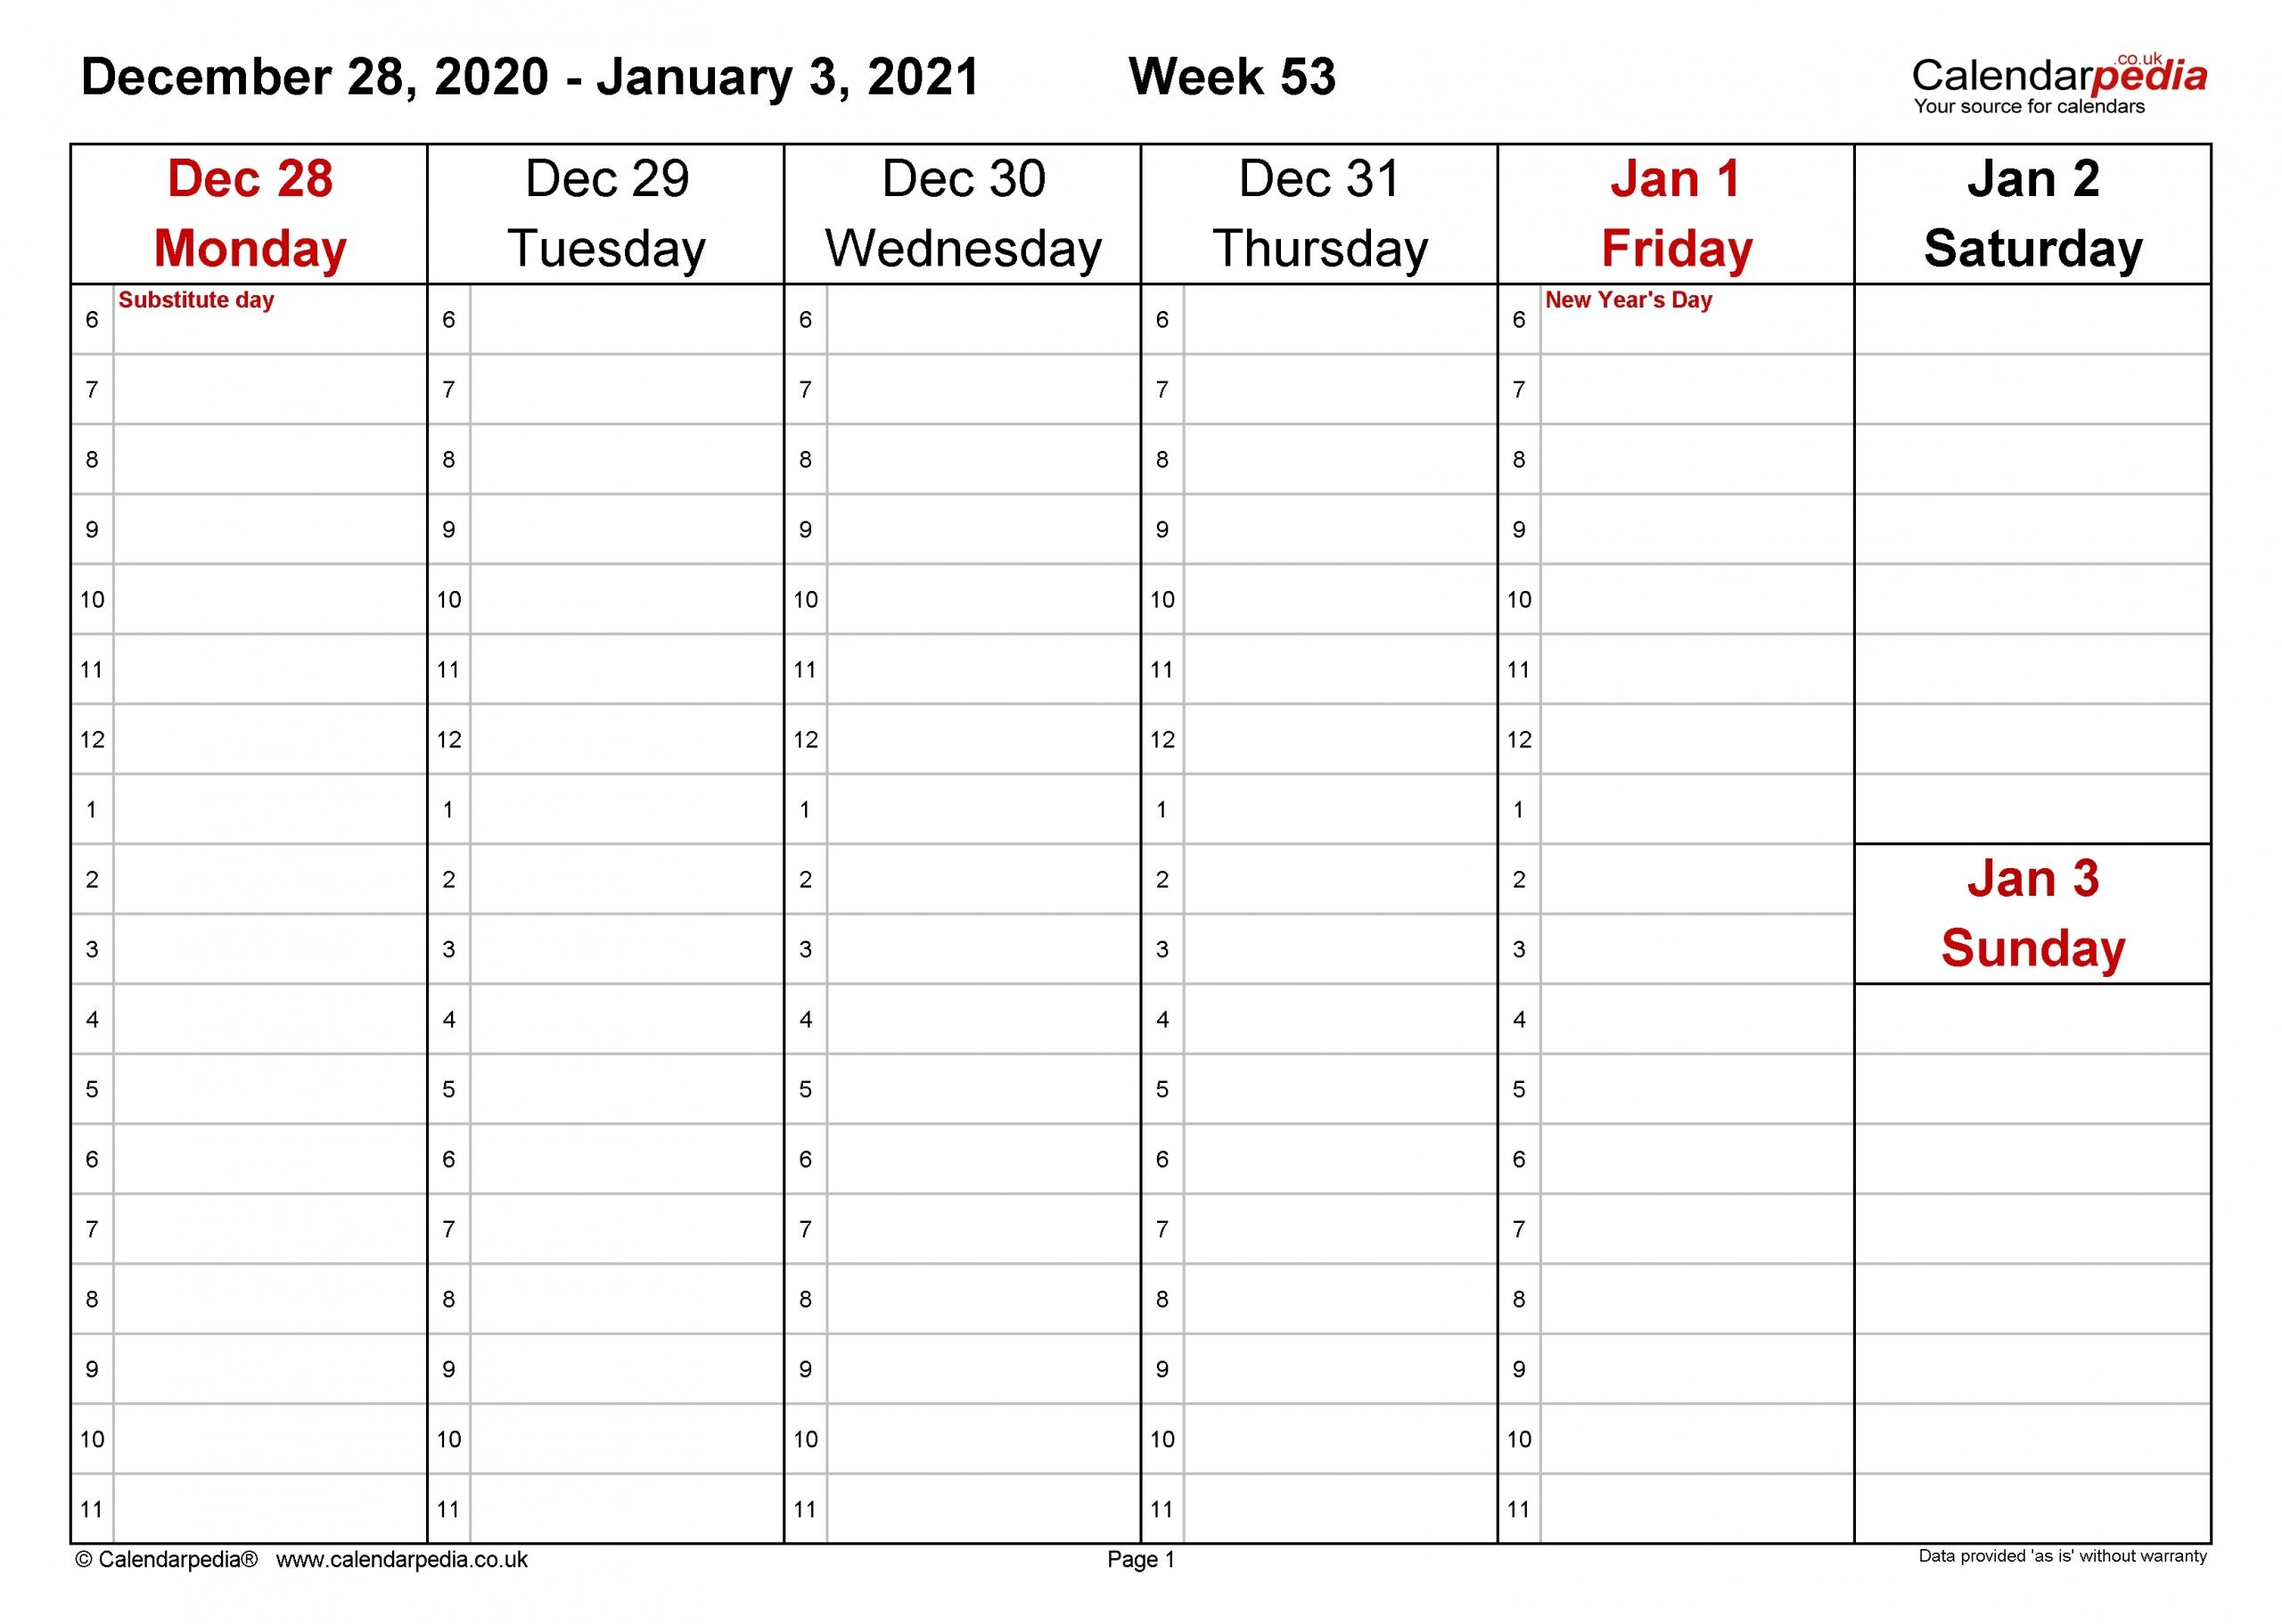 2021 Calnderweek No Excel | Calendar Template Printable inside Free 2021 Calendar Excel